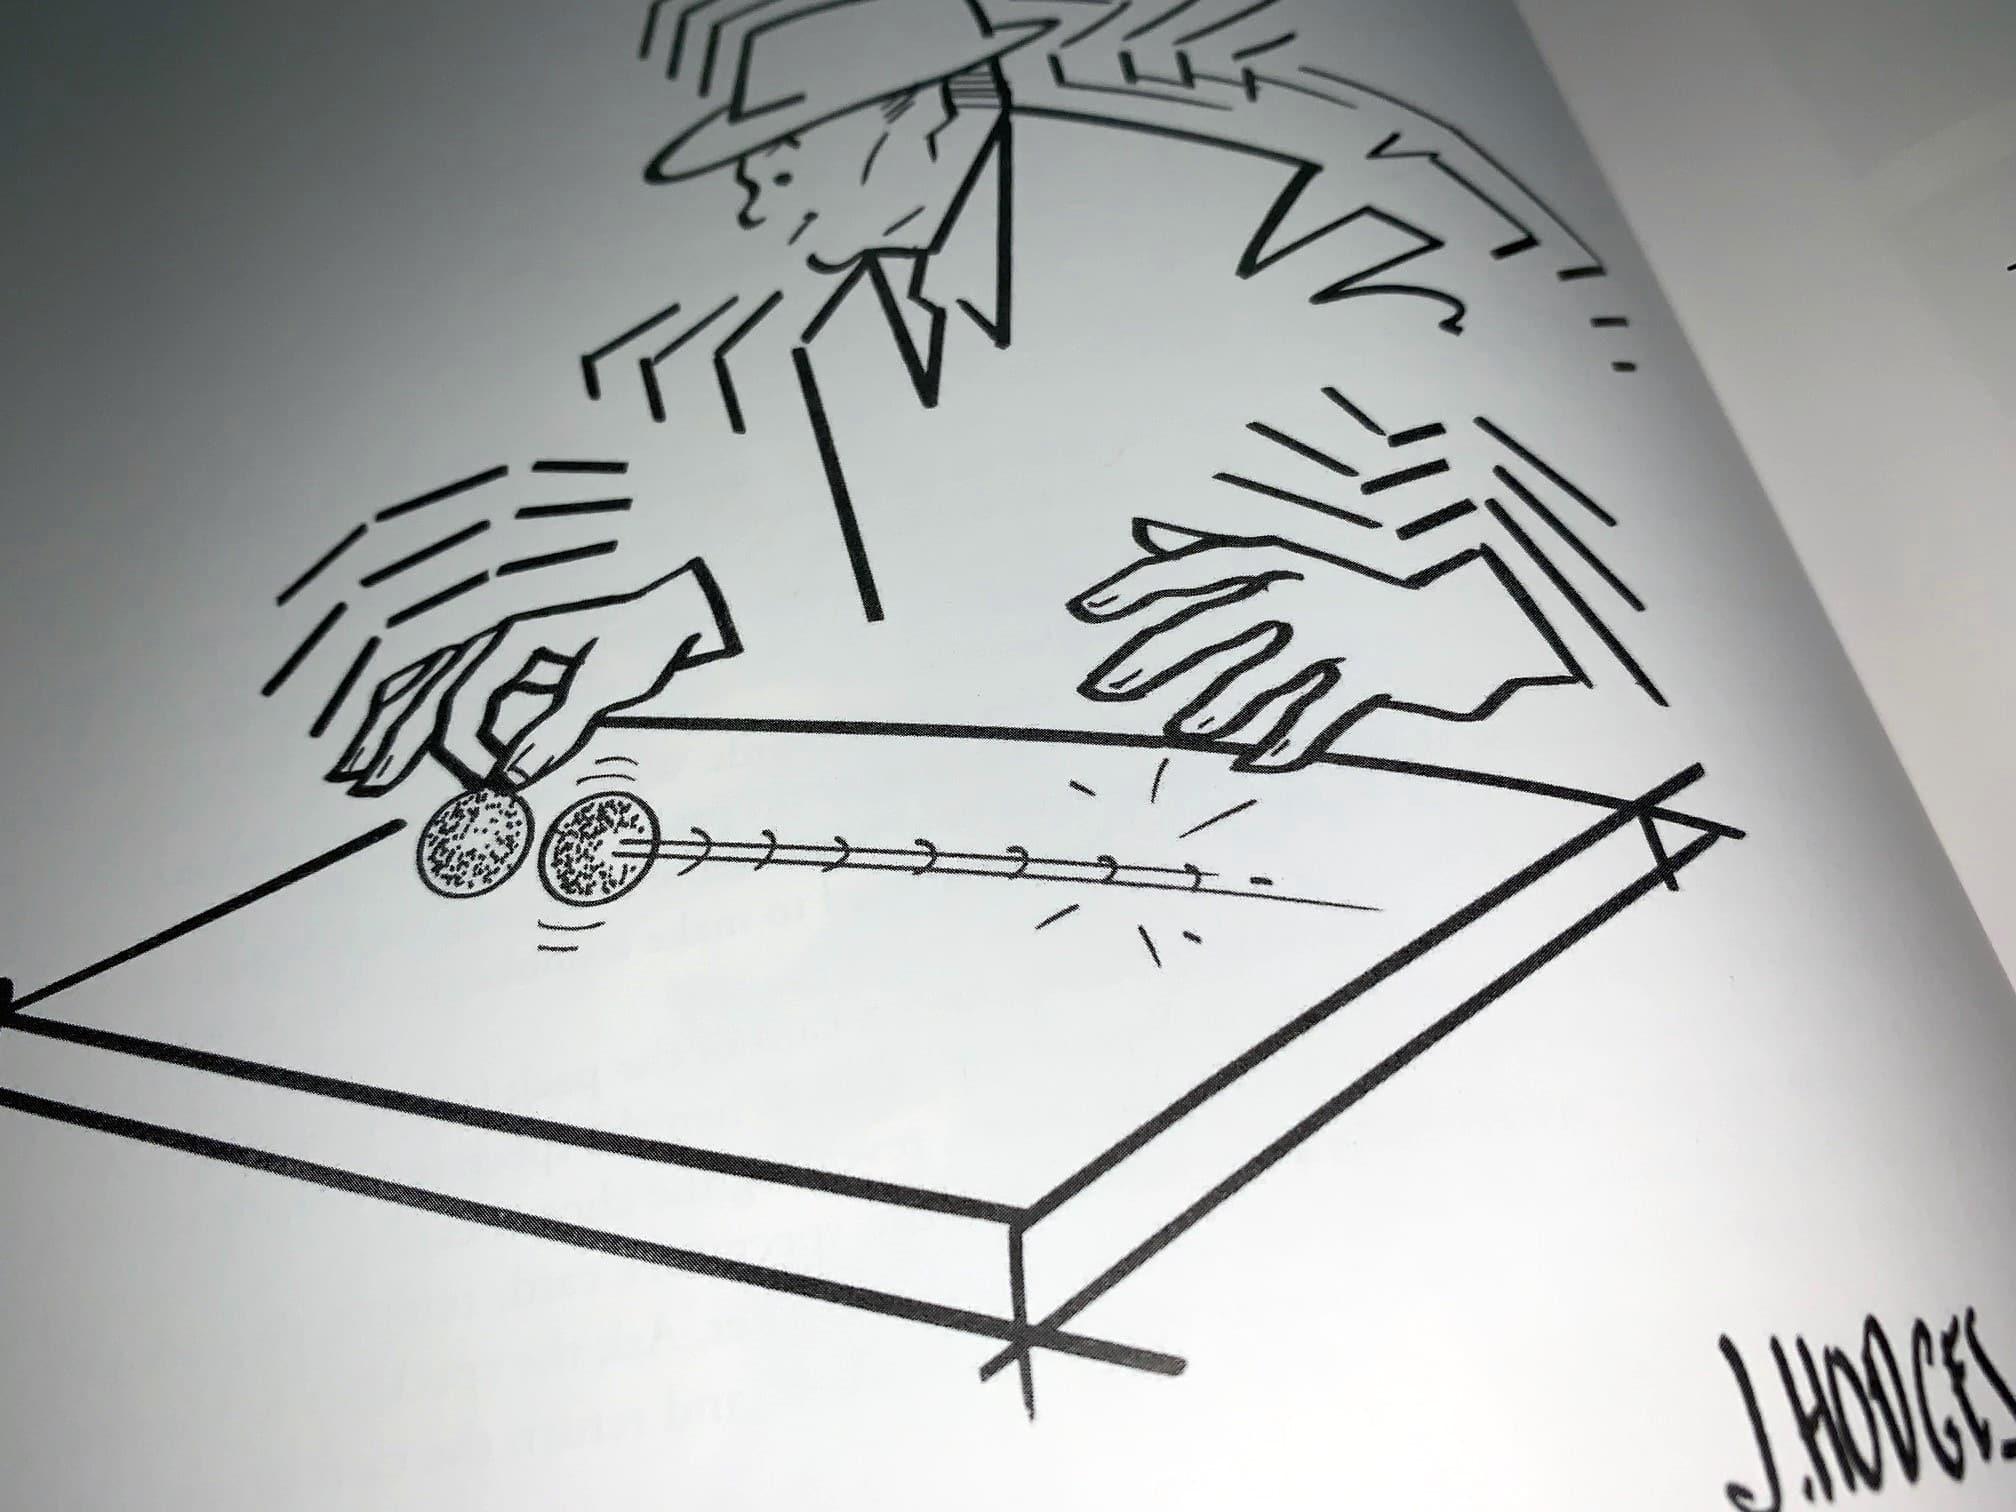 Full BLOOM de Gaëtan BLOOM dessins de James Hodges (2)